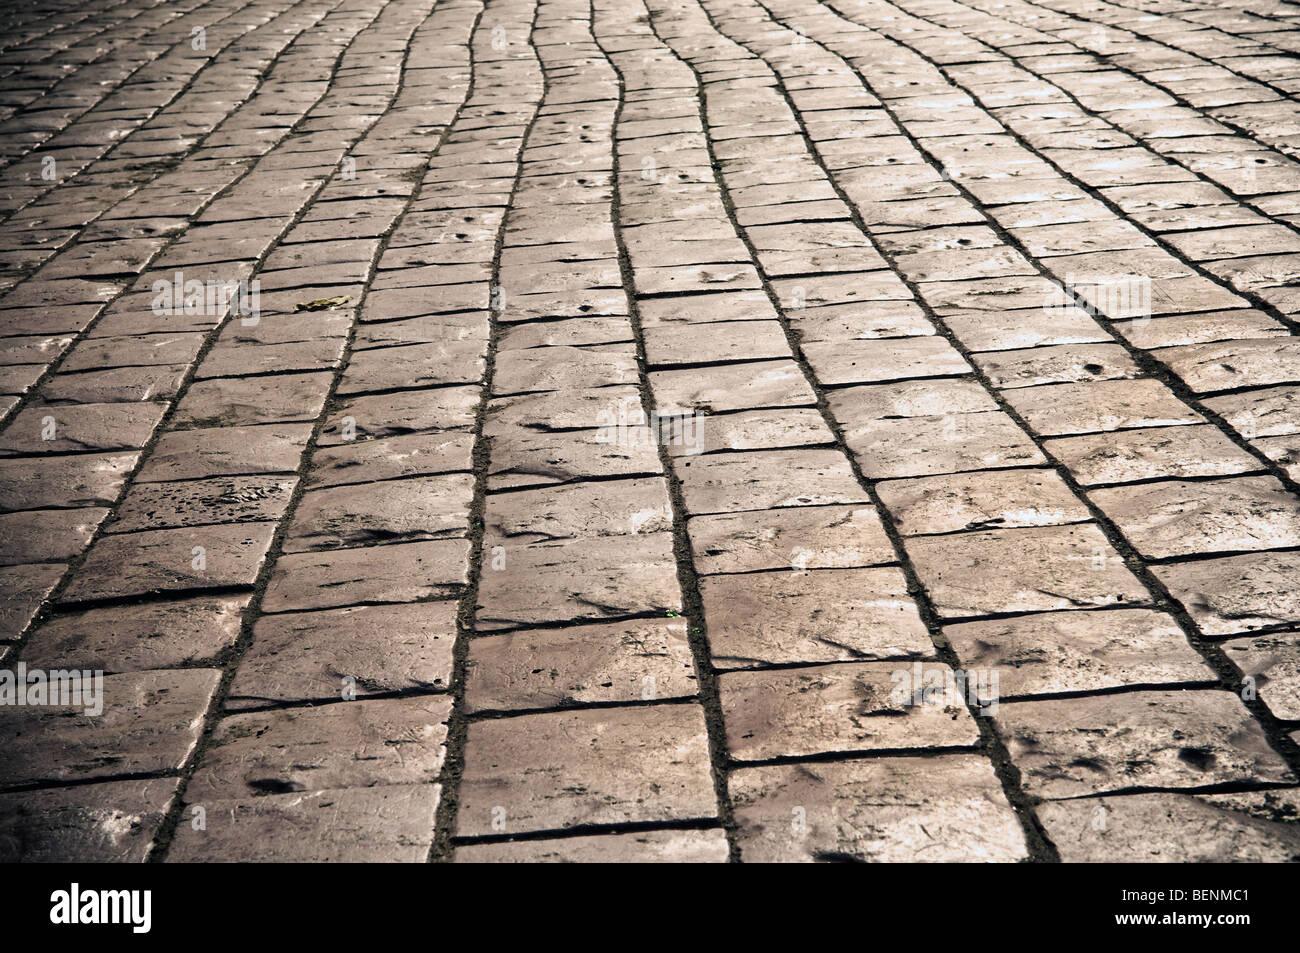 Les galets dans la rue - peut être utilisé comme arrière-plan Photo Stock